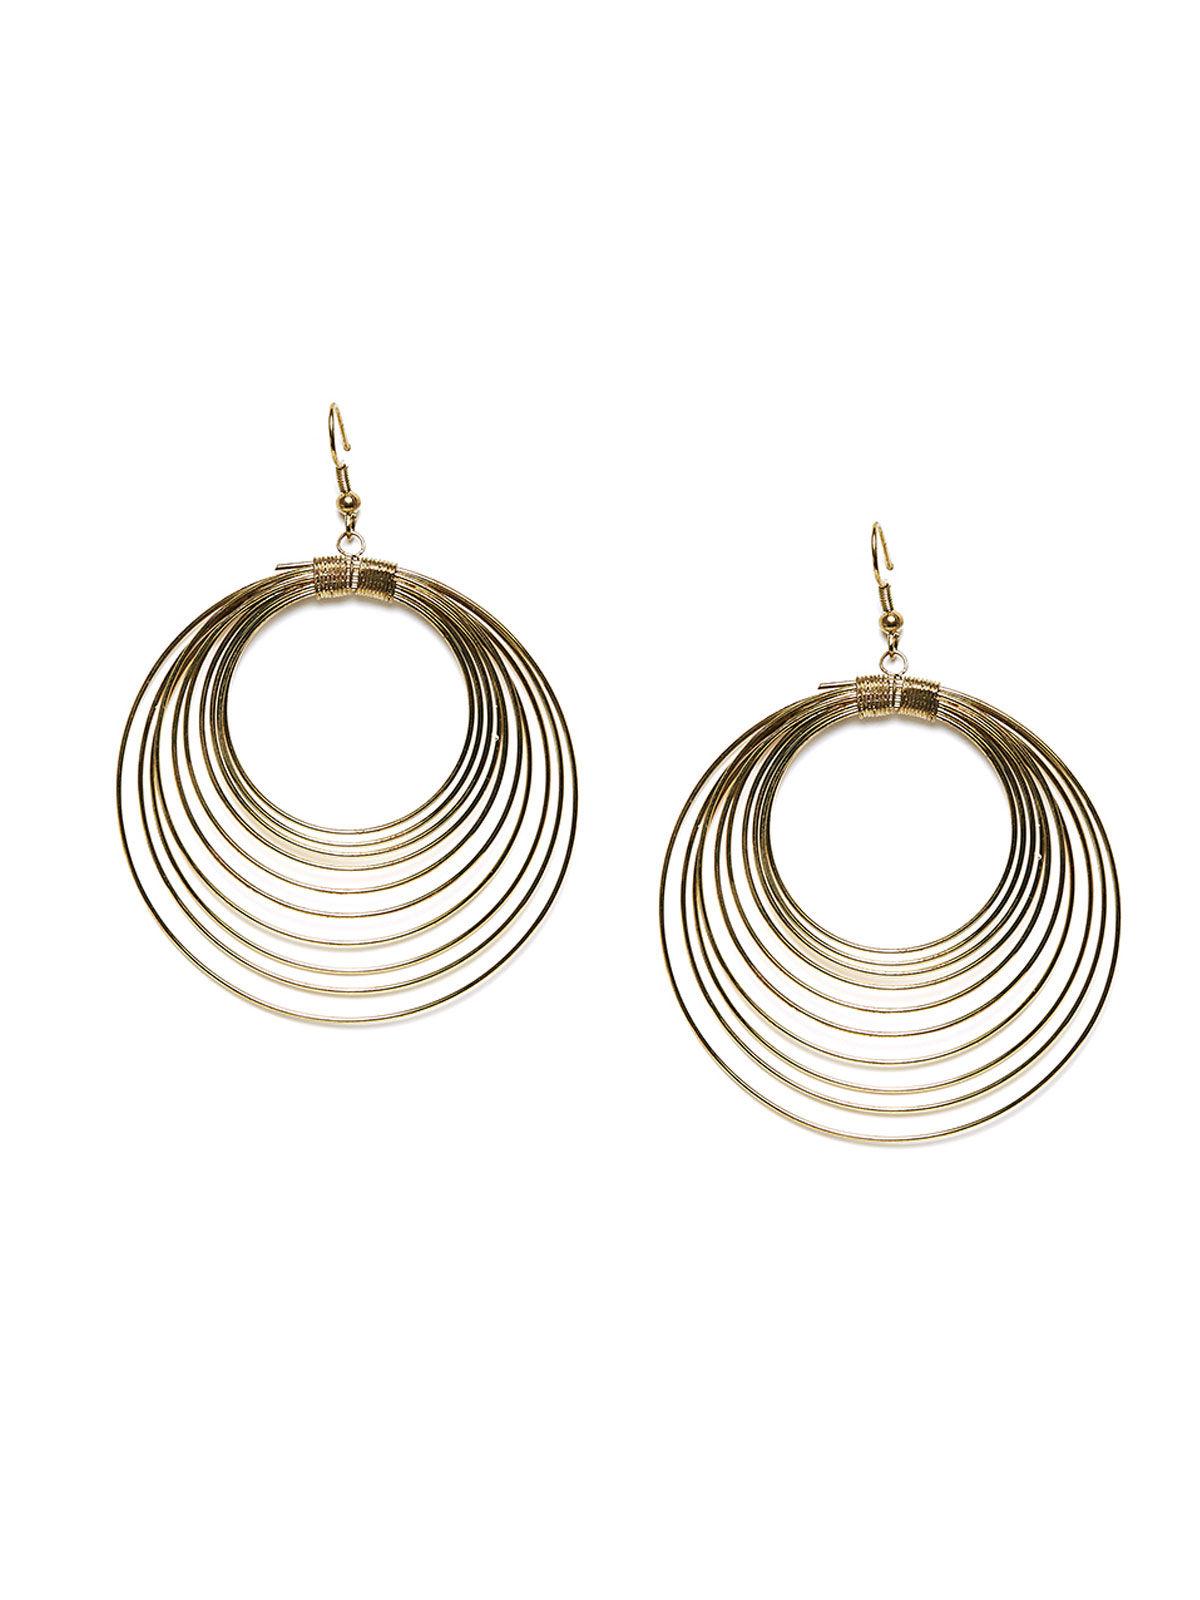 Imli Street classic gold tone wired earrings